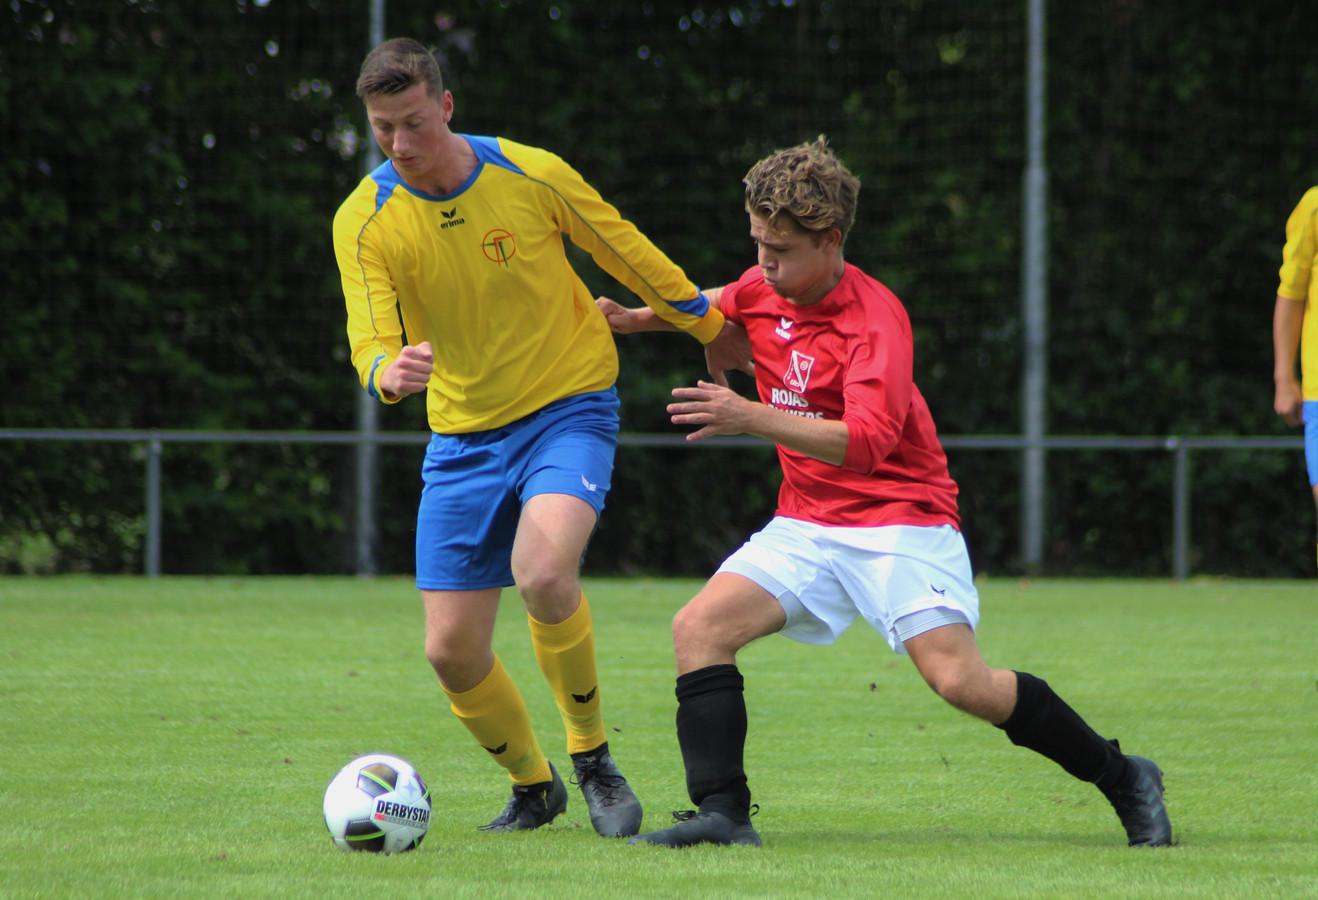 Hoedekenskerke/Kwadendamme (in het gele shirt) in actie tegen Wemeldinge op het Zeeland Assurantiën Toernooi in Heinkenszand. De combiclub won dat toernooi.